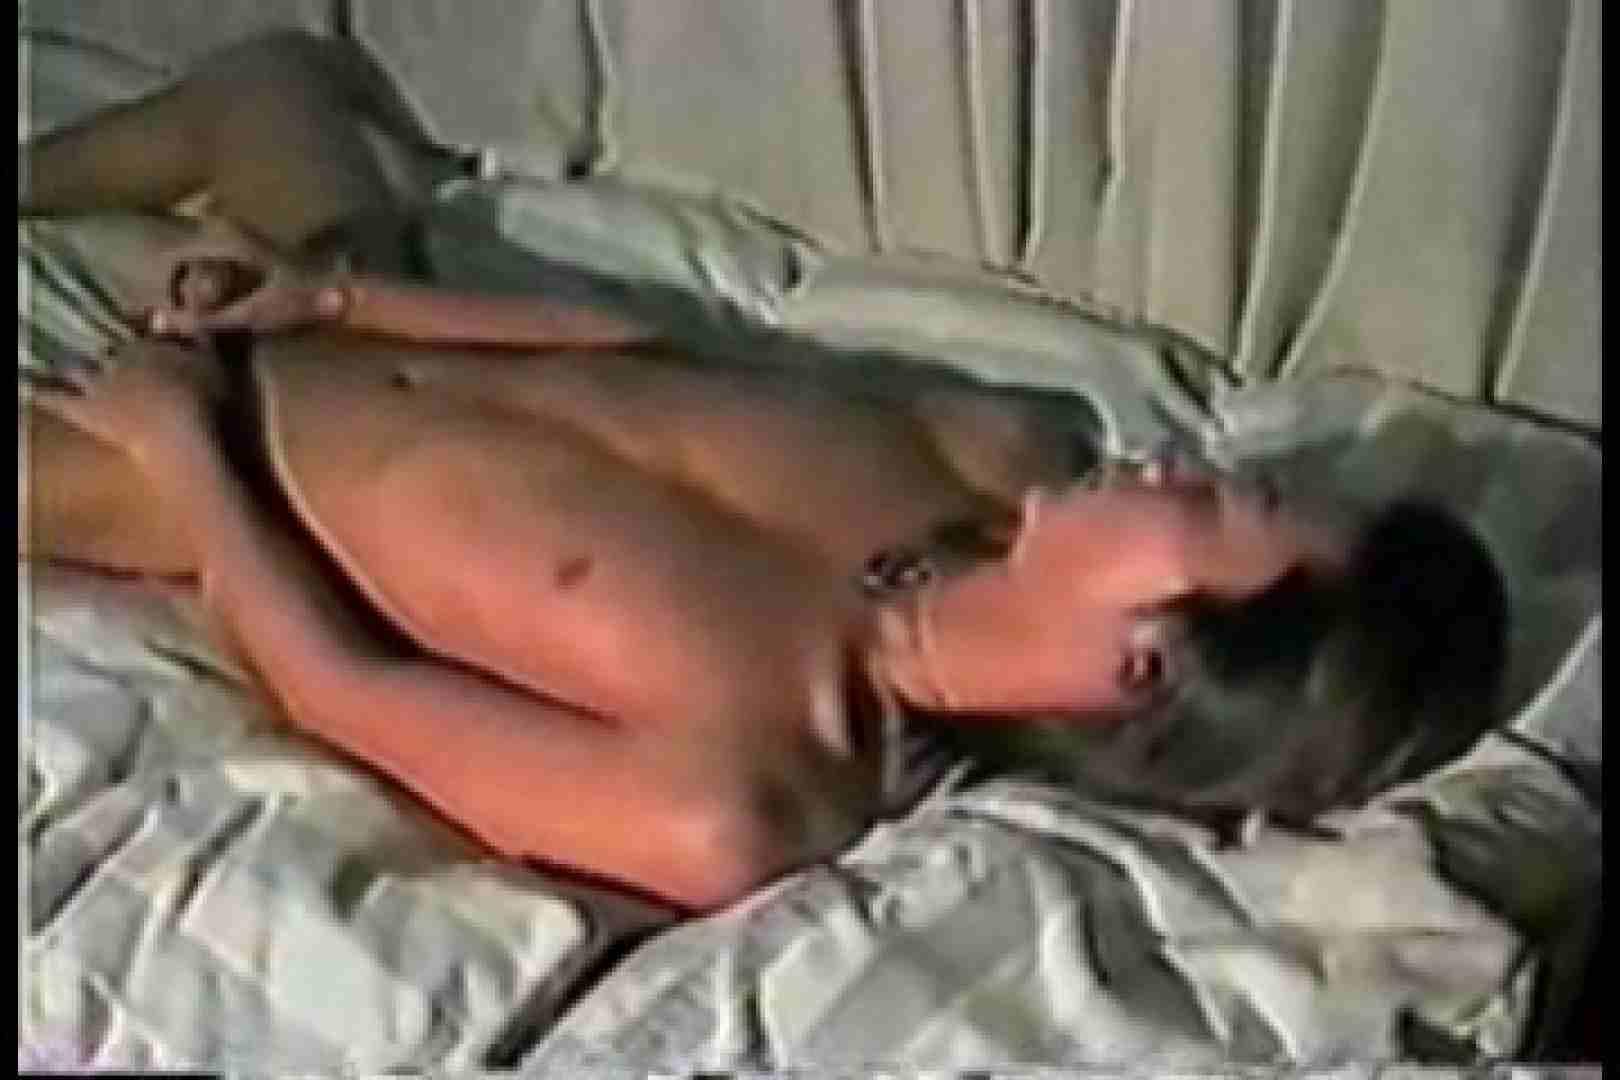 【個人投稿作品】お金の為なら何でもやりまっせ!! 射精 GAY無修正エロ動画 95枚 50